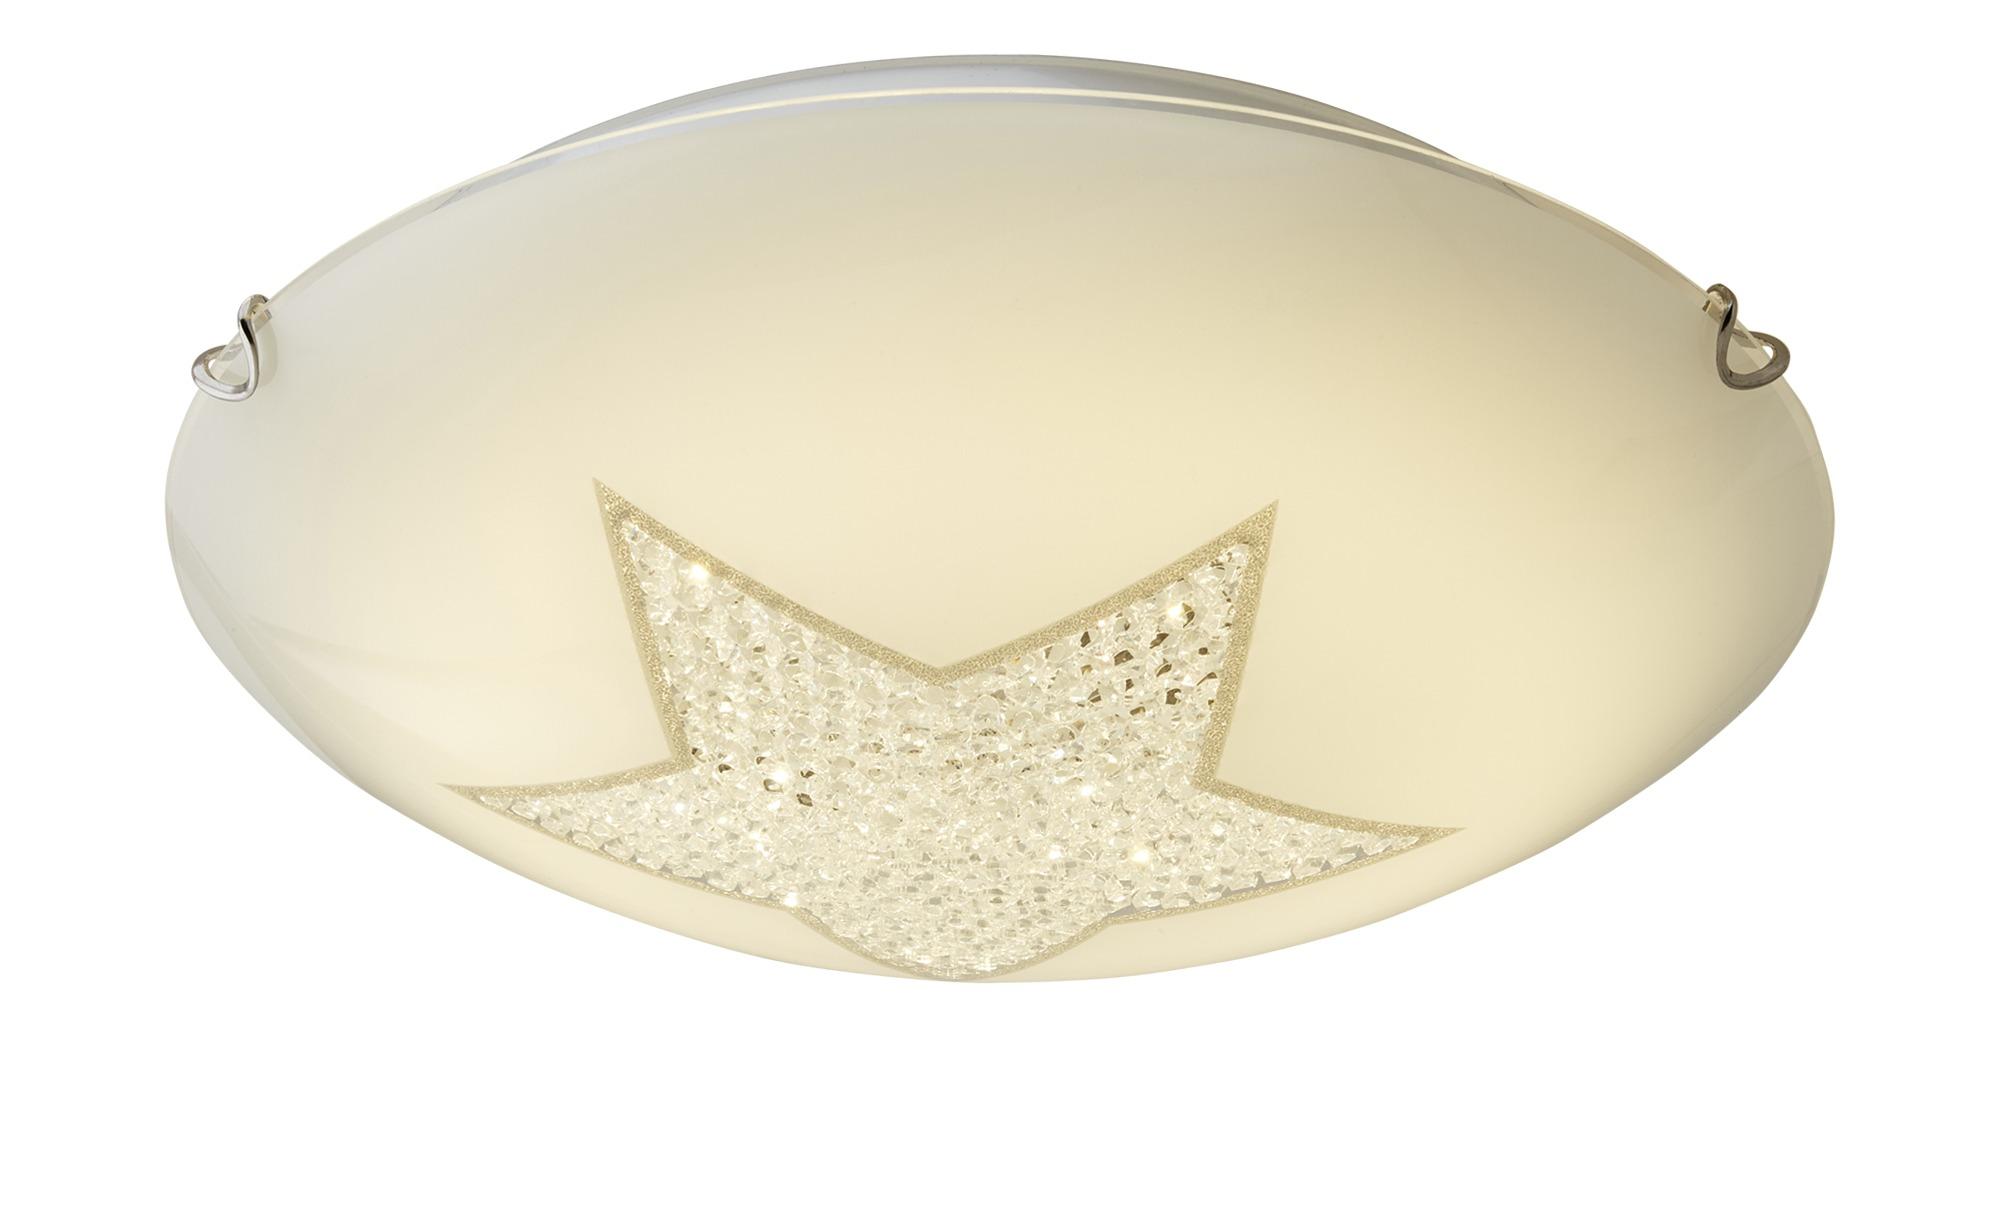 LED- Deckenleuchte, 1-flammig, Glas mit Kristallstern ¦ weißØ: [40.0] Lampen & Leuchten > Innenleuchten > Deckenleuchten - Höffner